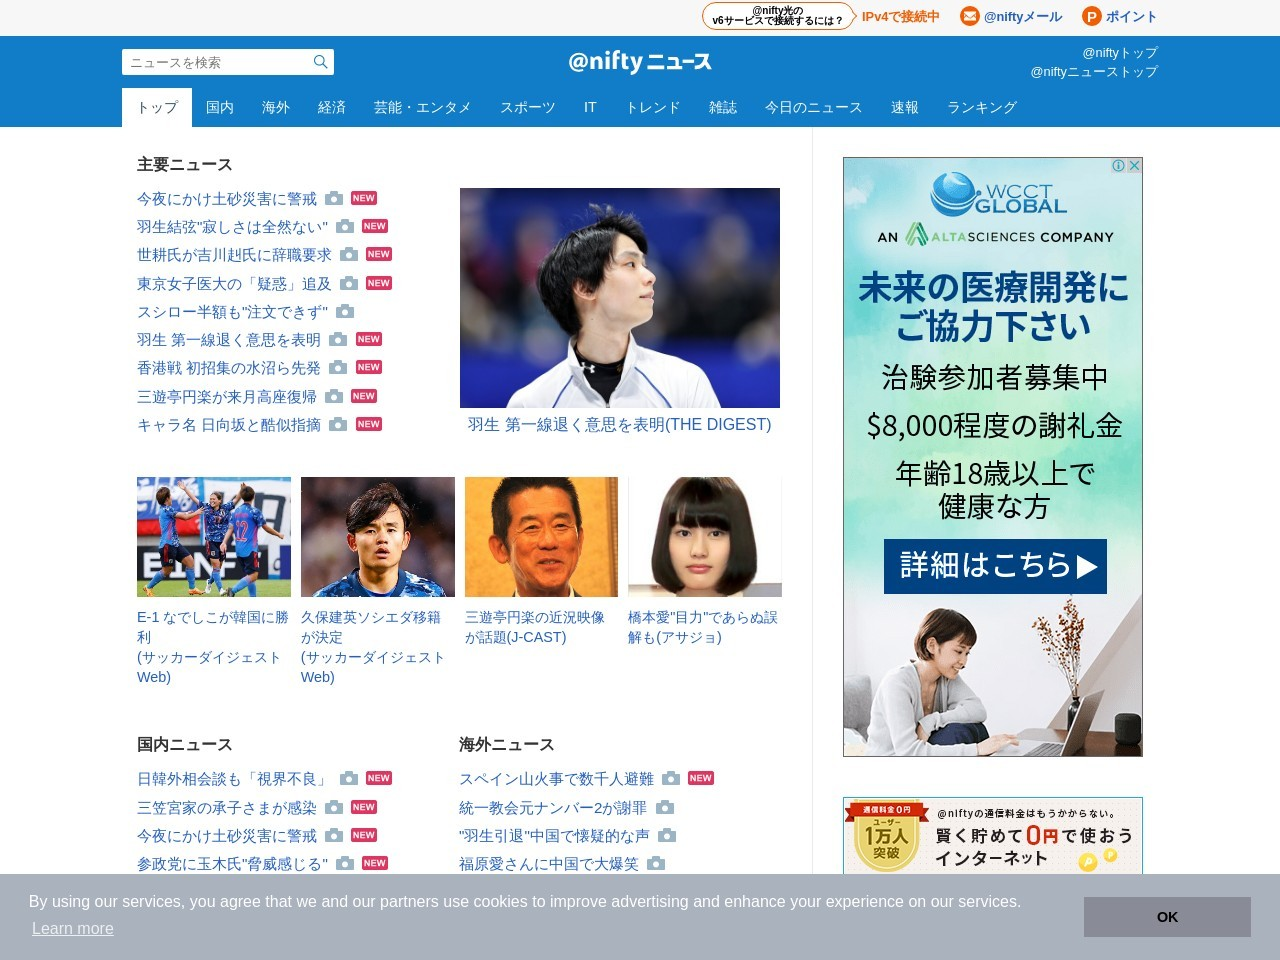 安室奈美恵の最新DVD&BDが合計146.8万枚突破 最新アルバム『Finally』も229.7万枚に